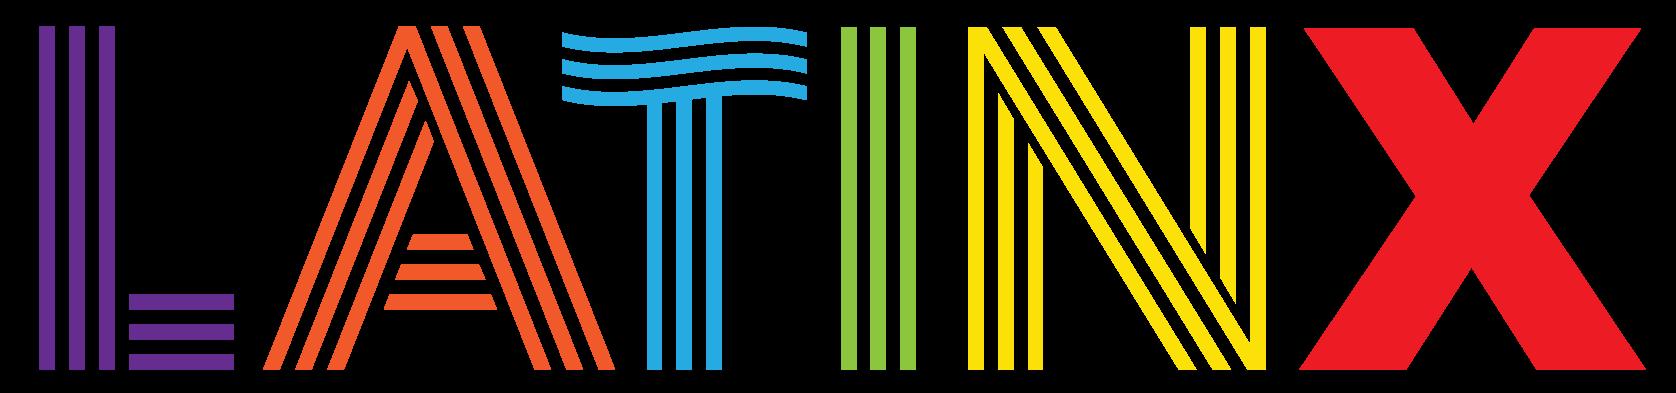 Latinx logo.png